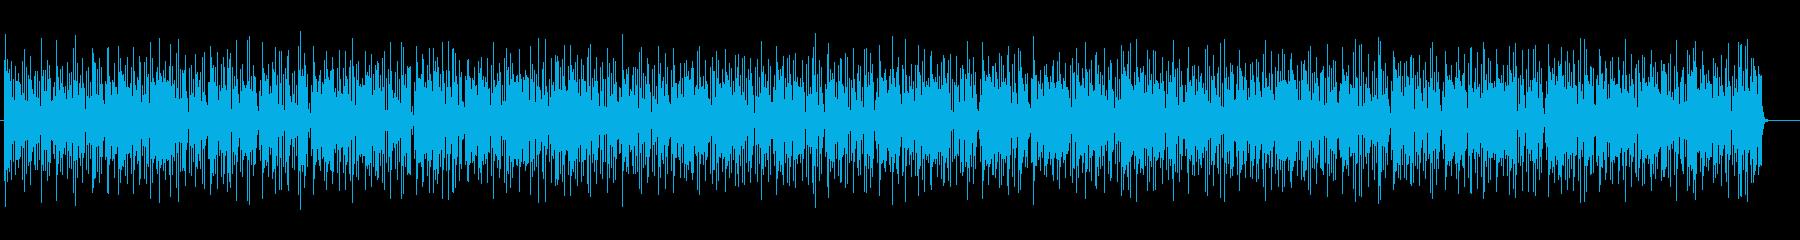 緩やかでまったりとしたエレキポップスの再生済みの波形